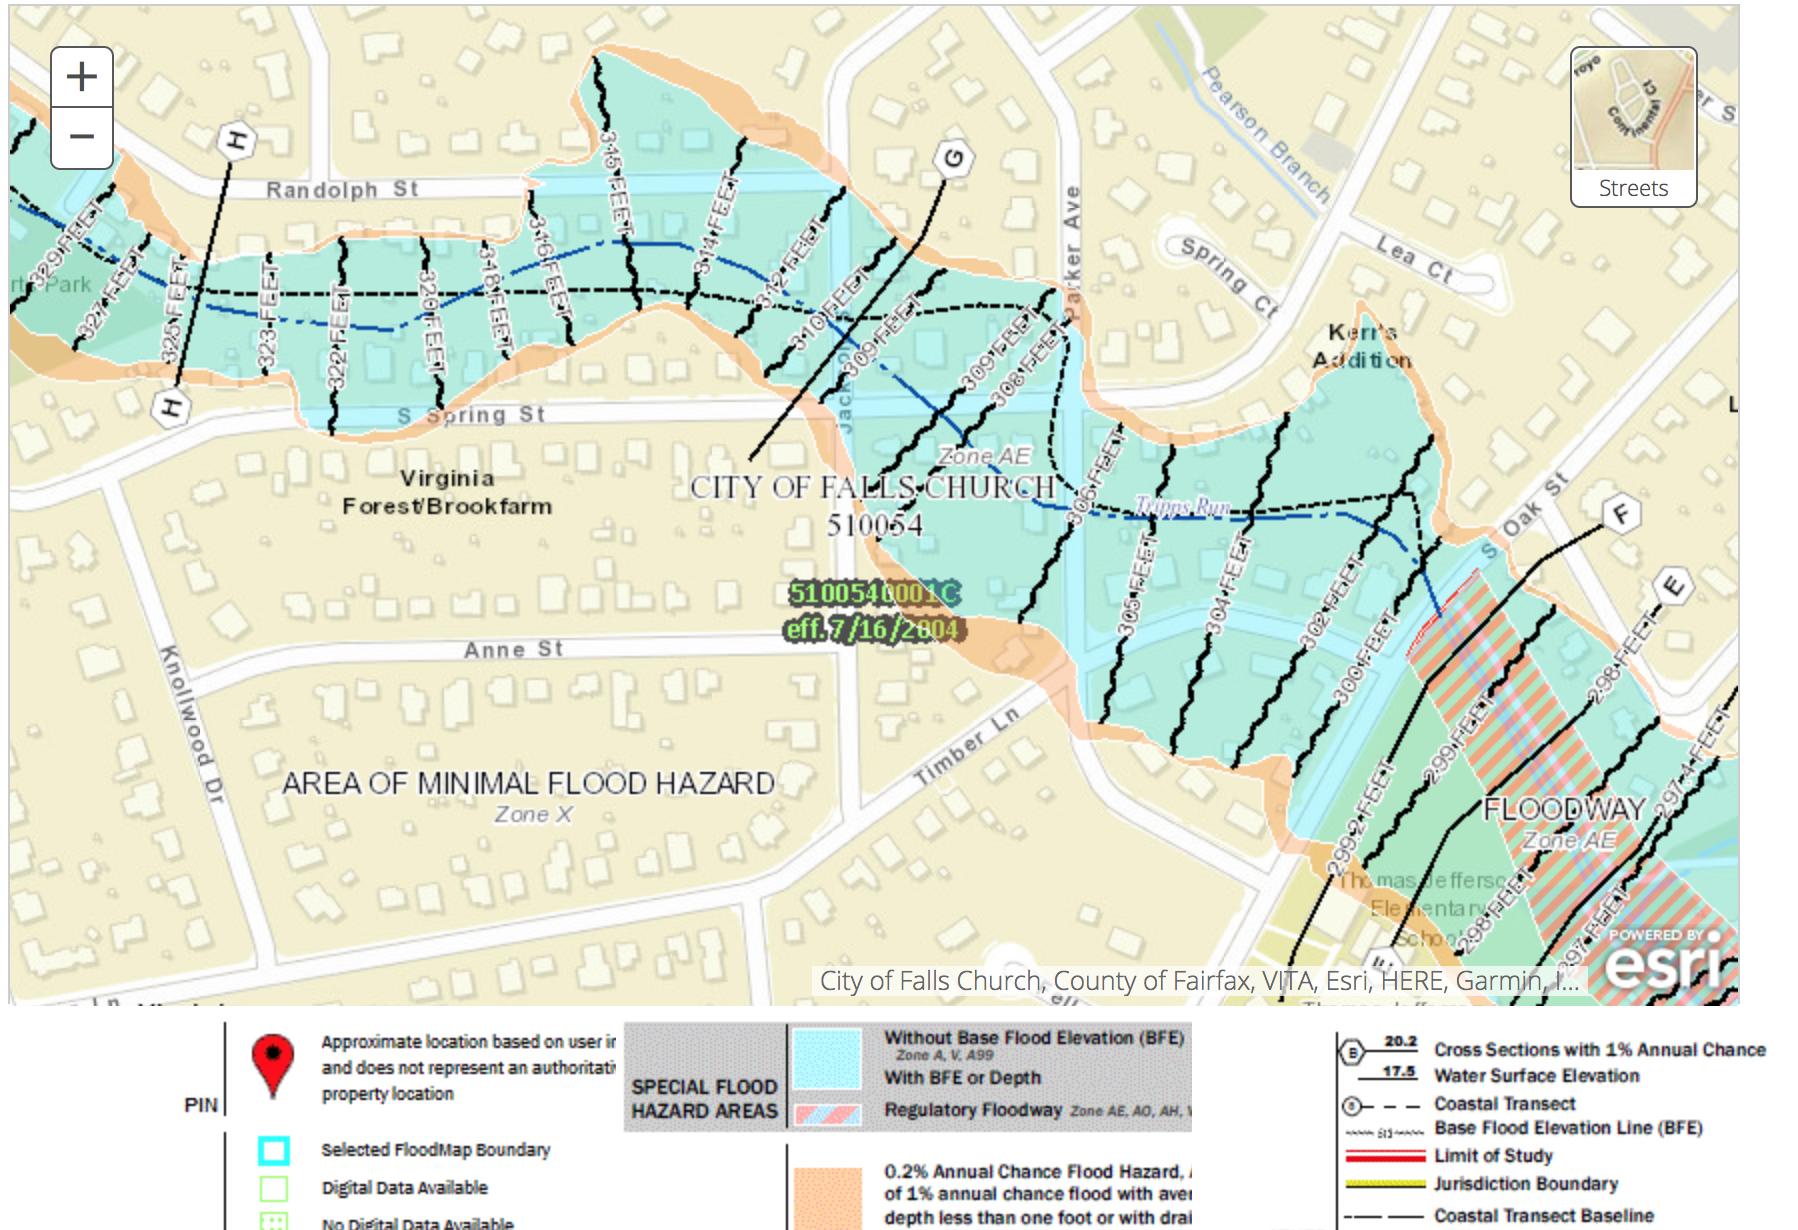 Flood plain map shows a flood plain going through Falls Church